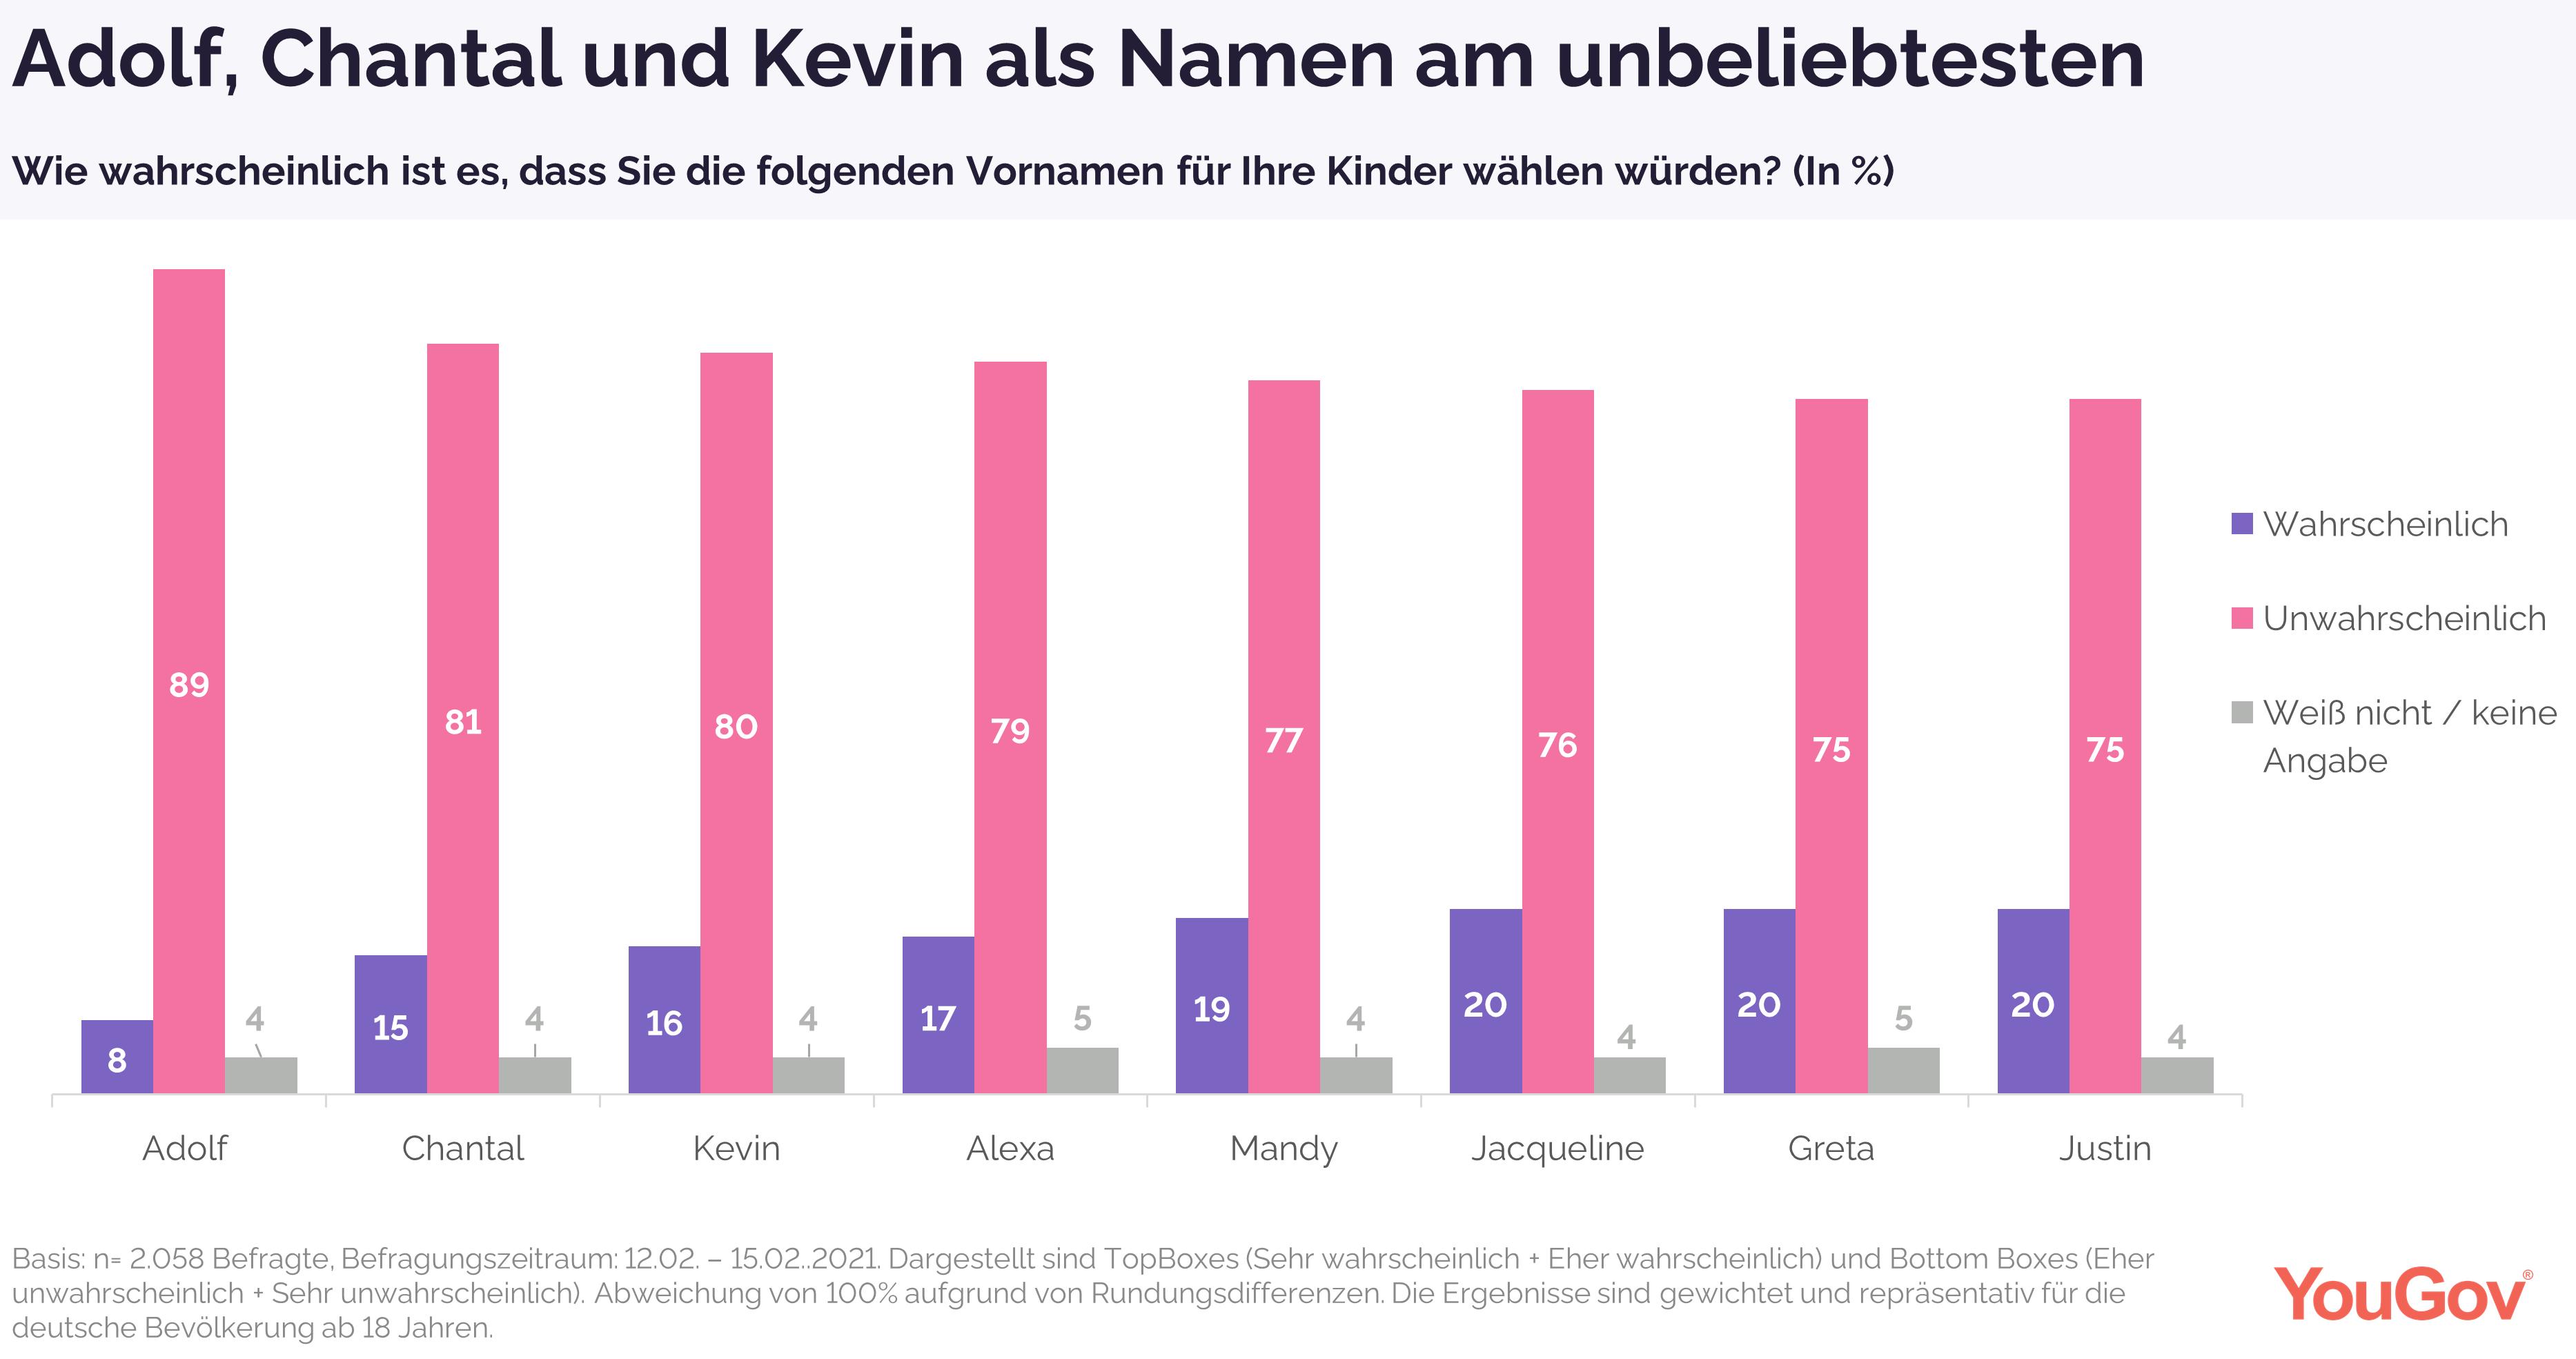 Adolf, Chantal und Kevin als Namen am unbeliebtesten